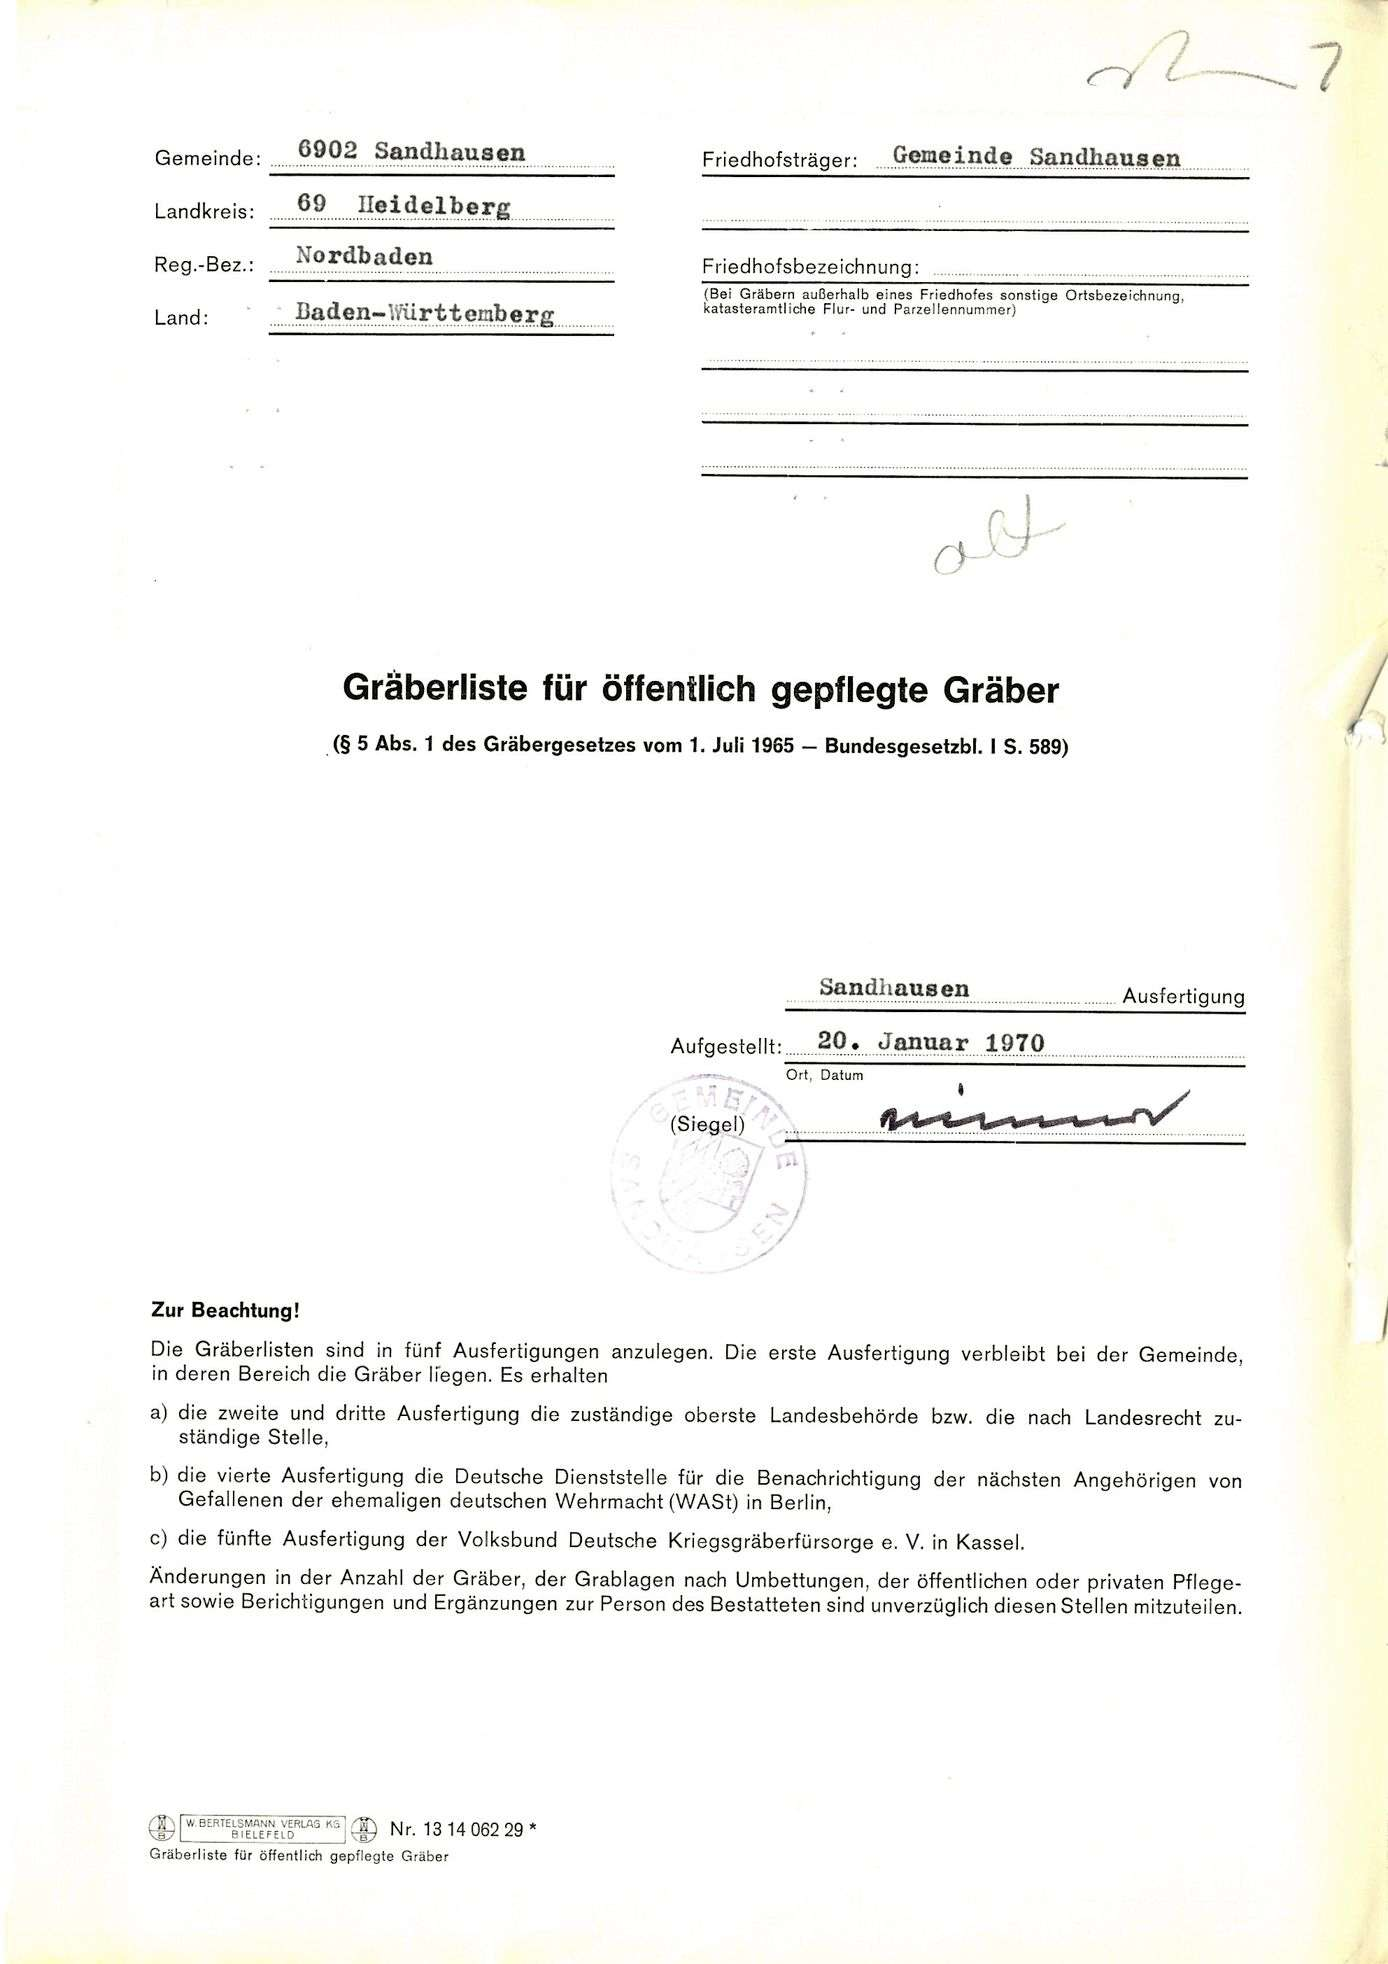 Sandhausen, Bild 2